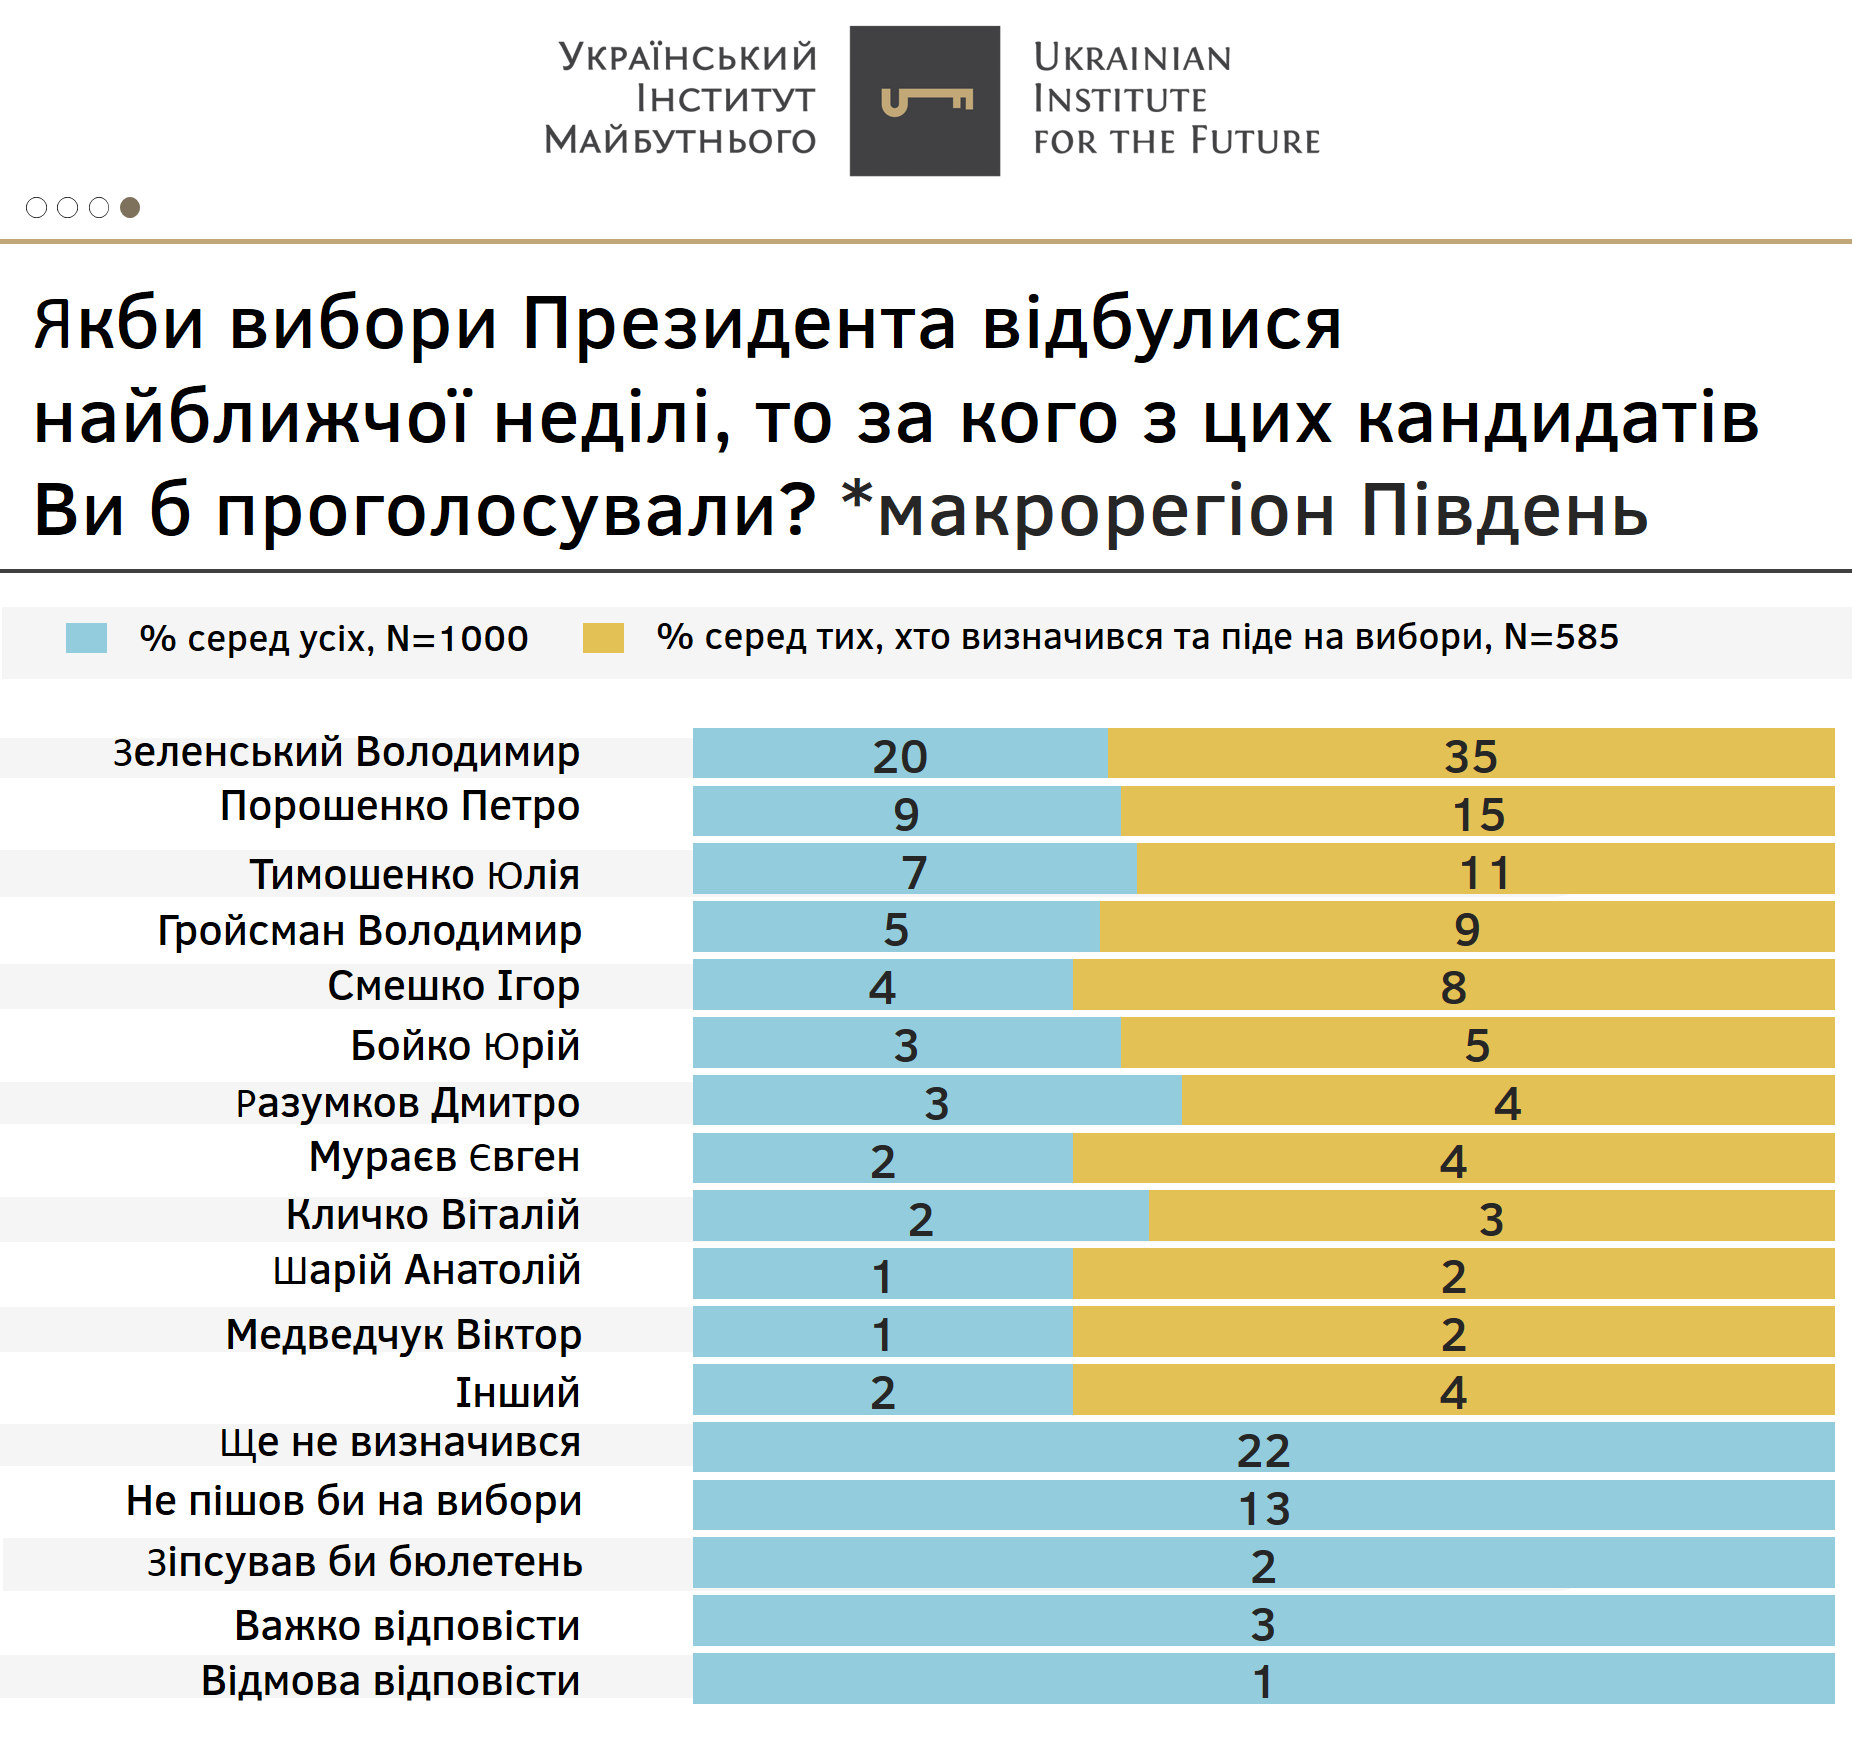 Результаты в южной части Украины